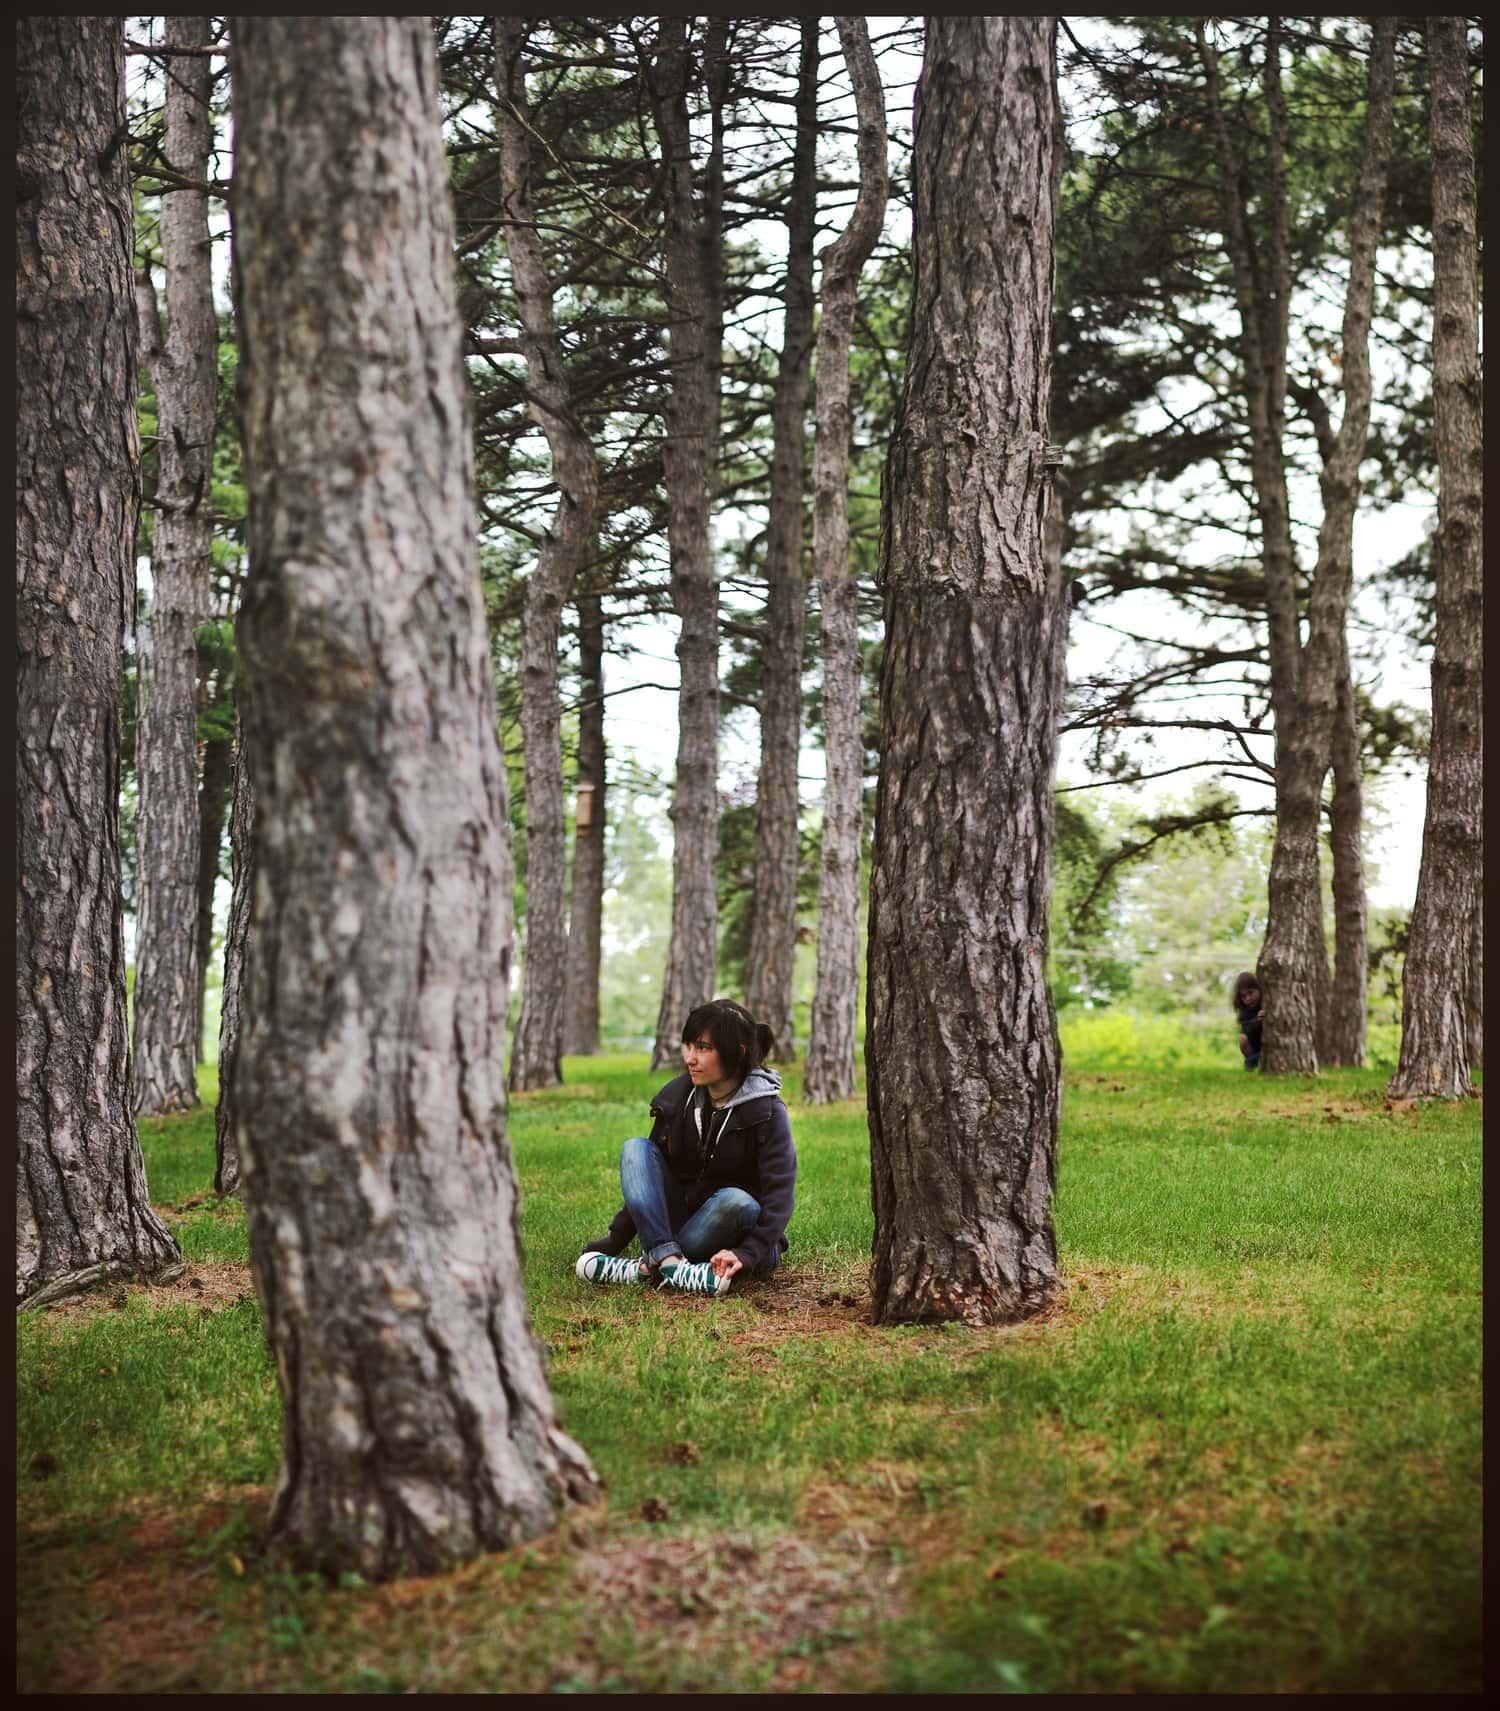 chica en bosque con efecto brenizer